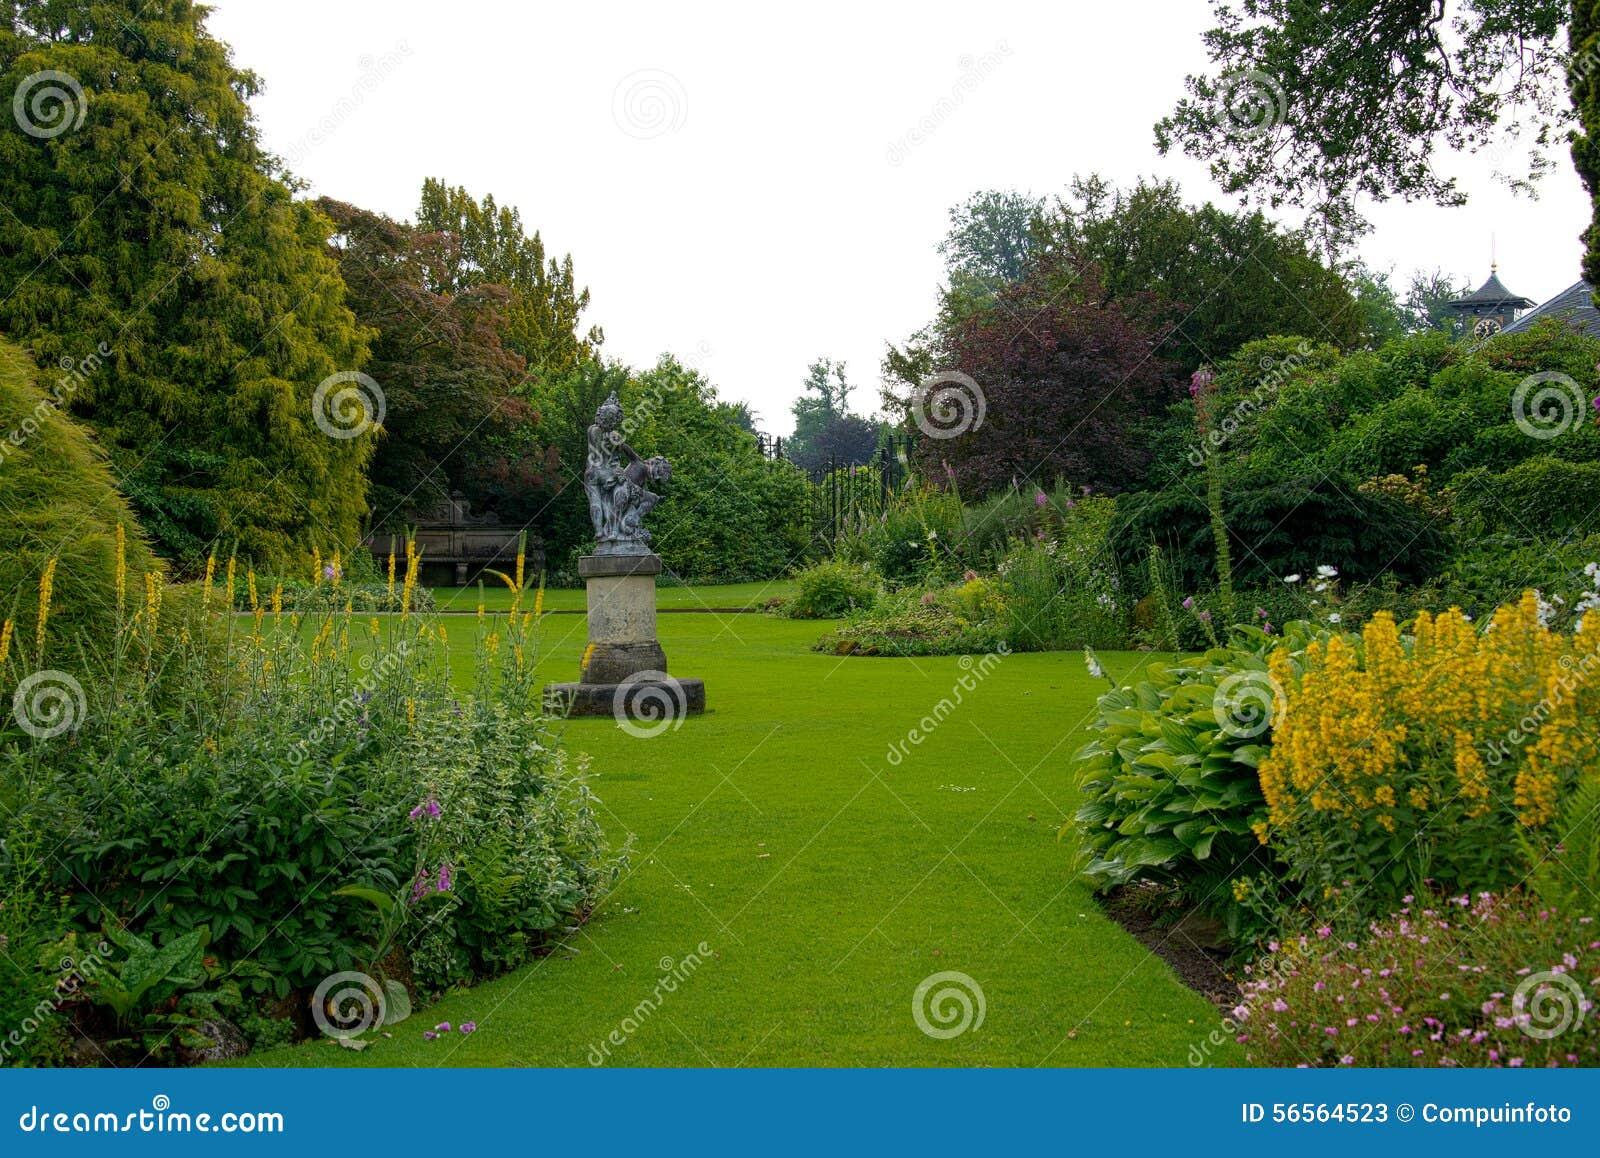 Εγκαταστάσεις και λουλούδια στον κήπο